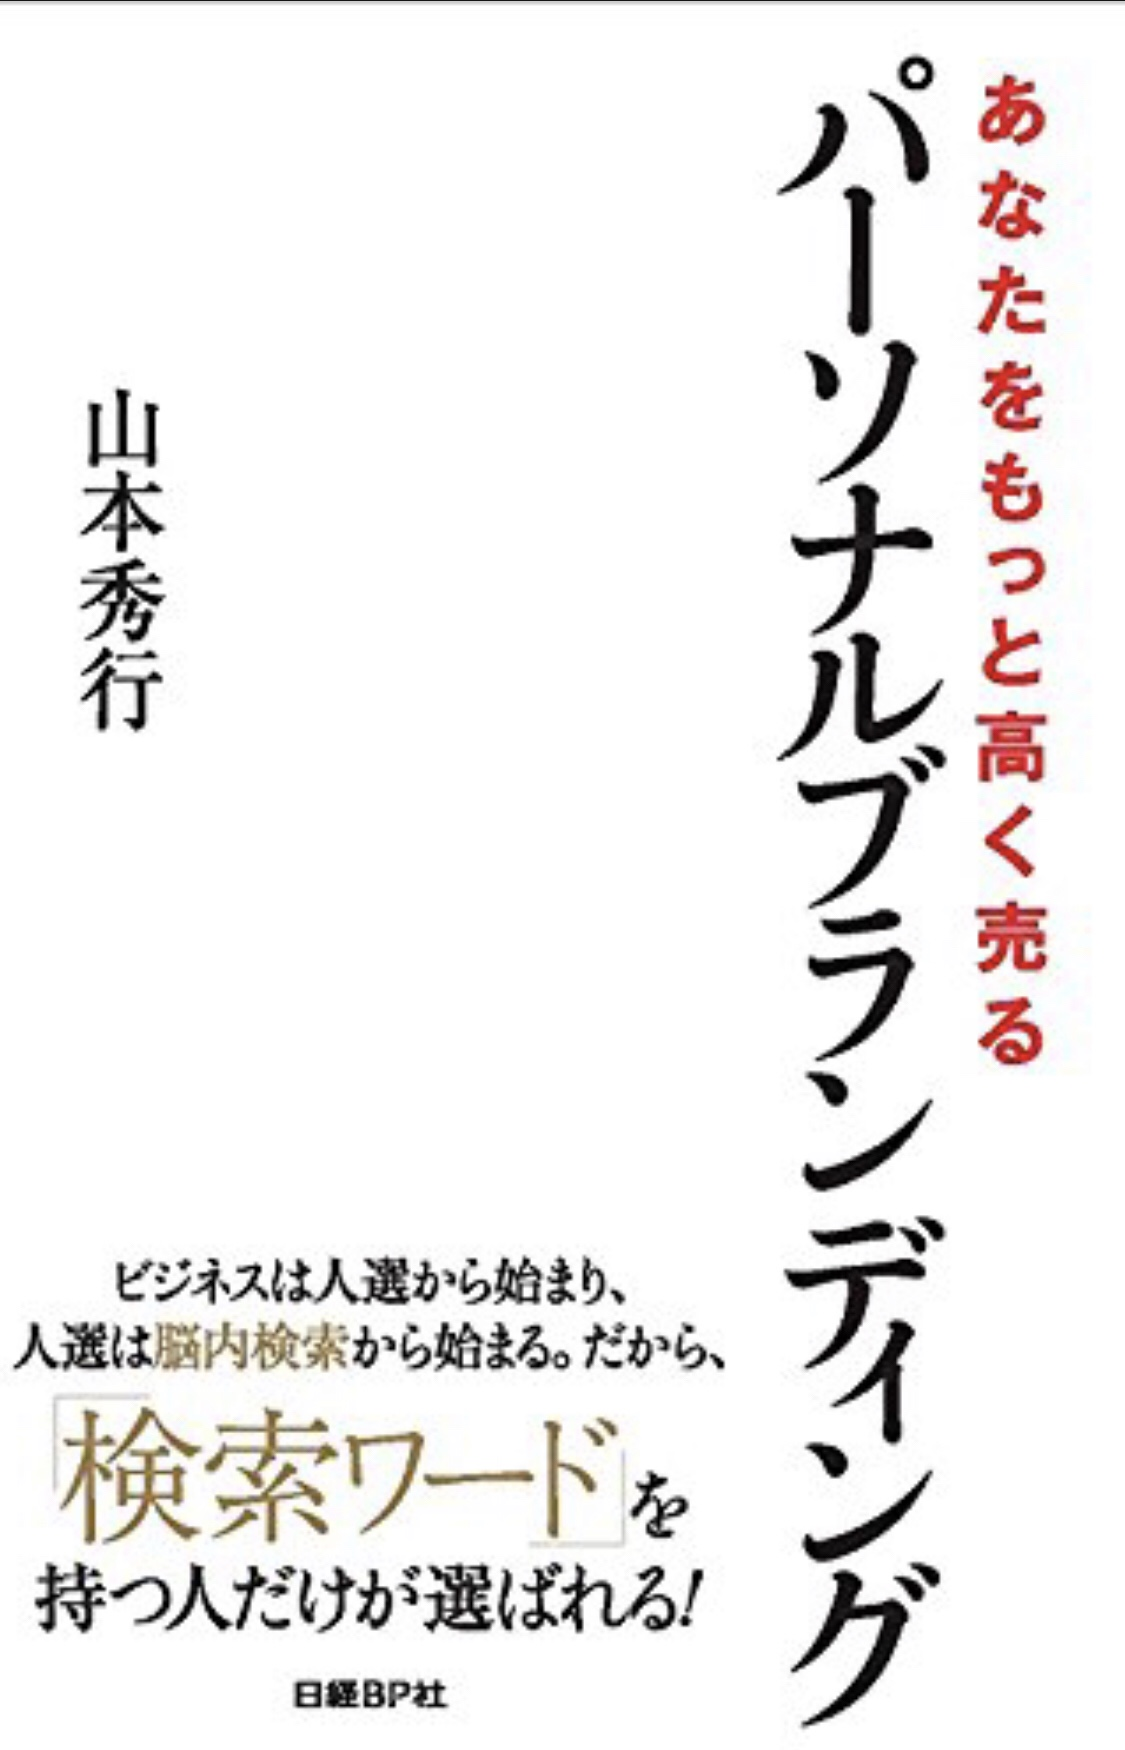 <書籍を知る>『パーソナルブランディング』山本秀行